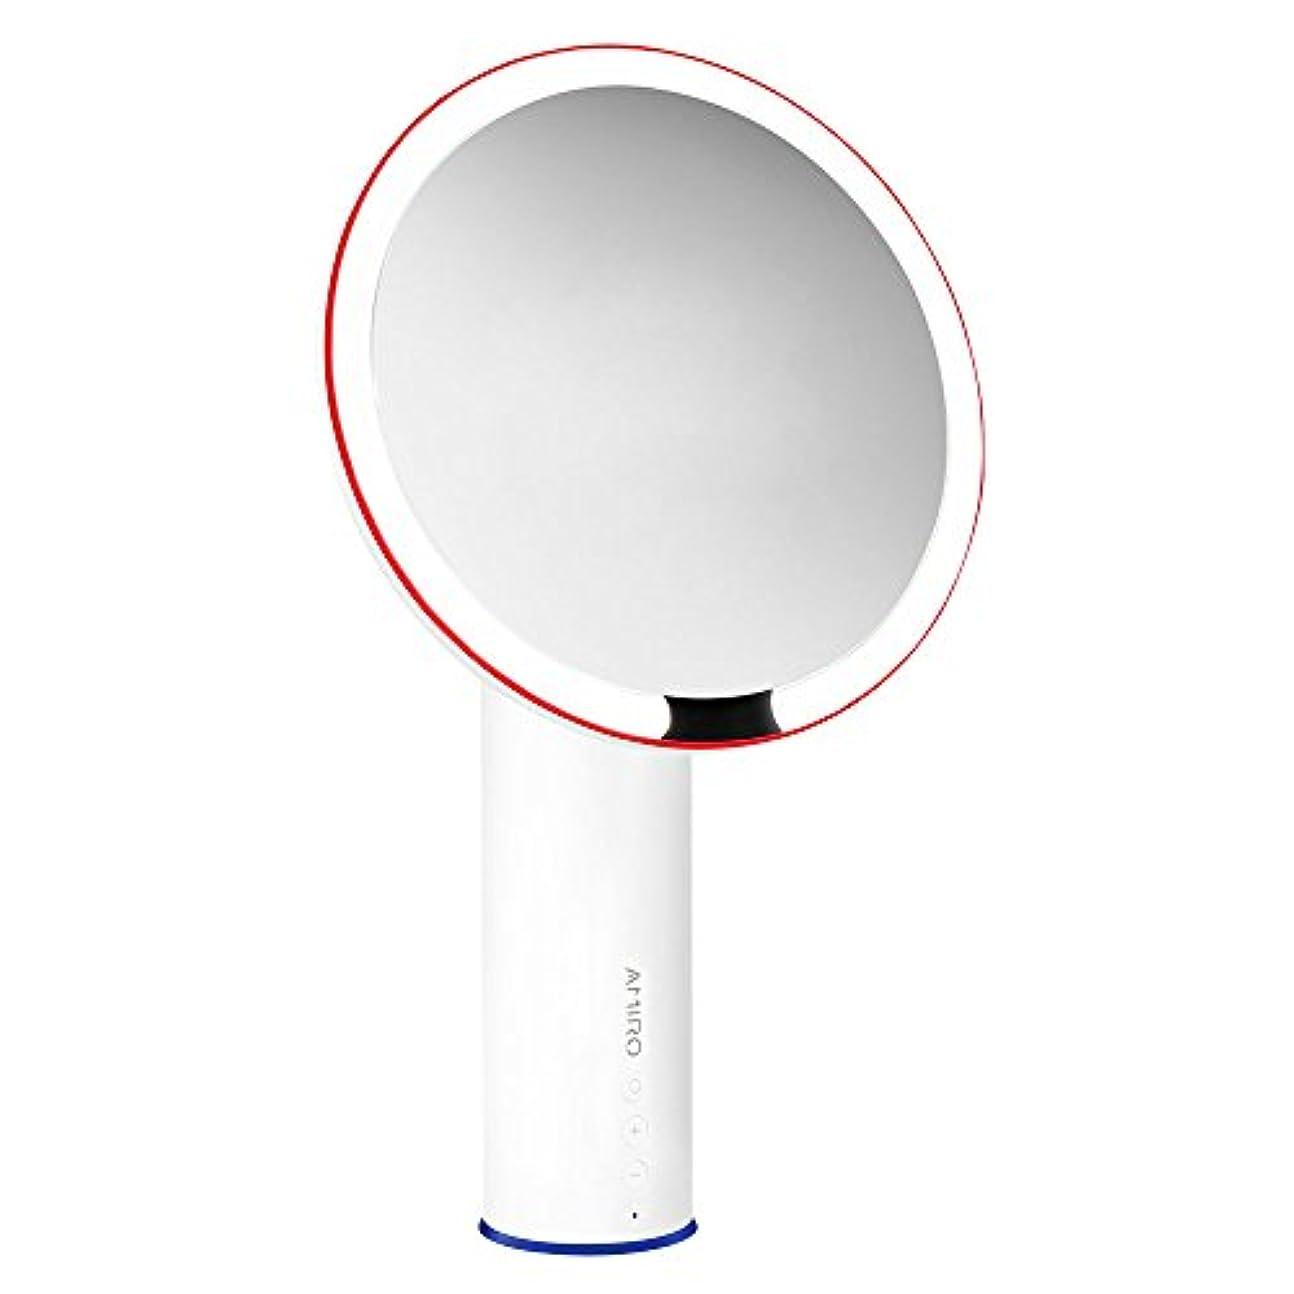 ハンドブック引き出し勤勉AMIRO LED化粧鏡 人感センサー付き 化粧ミラー LEDライト付き 卓上鏡 女優ミラー 3段階明るさ調節可能